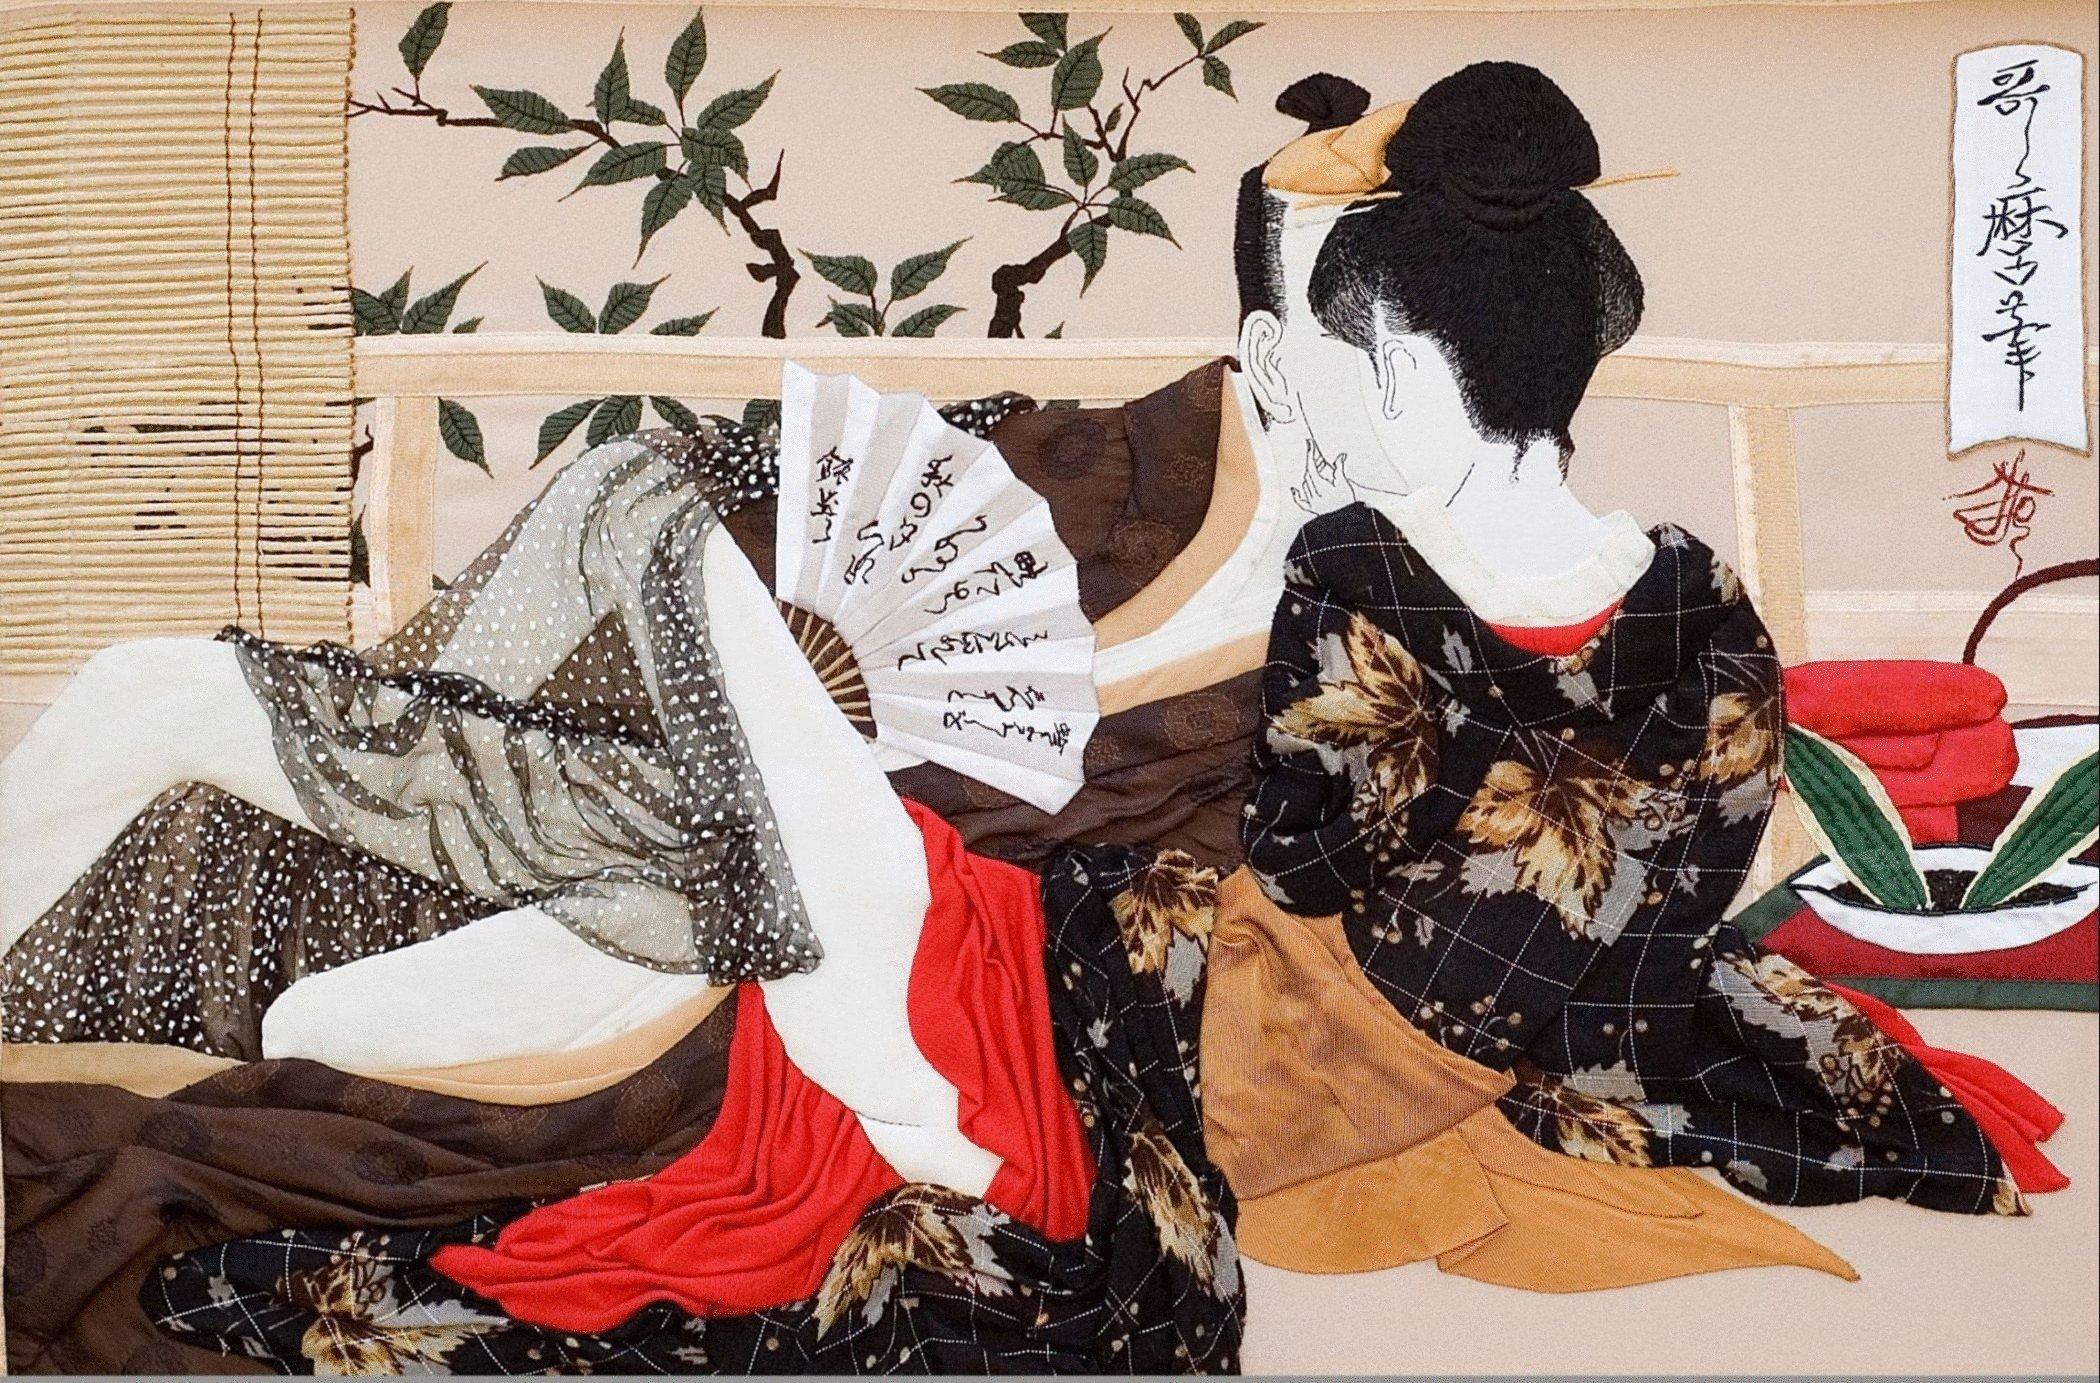 Японская камасутра рисунки фото 273-868